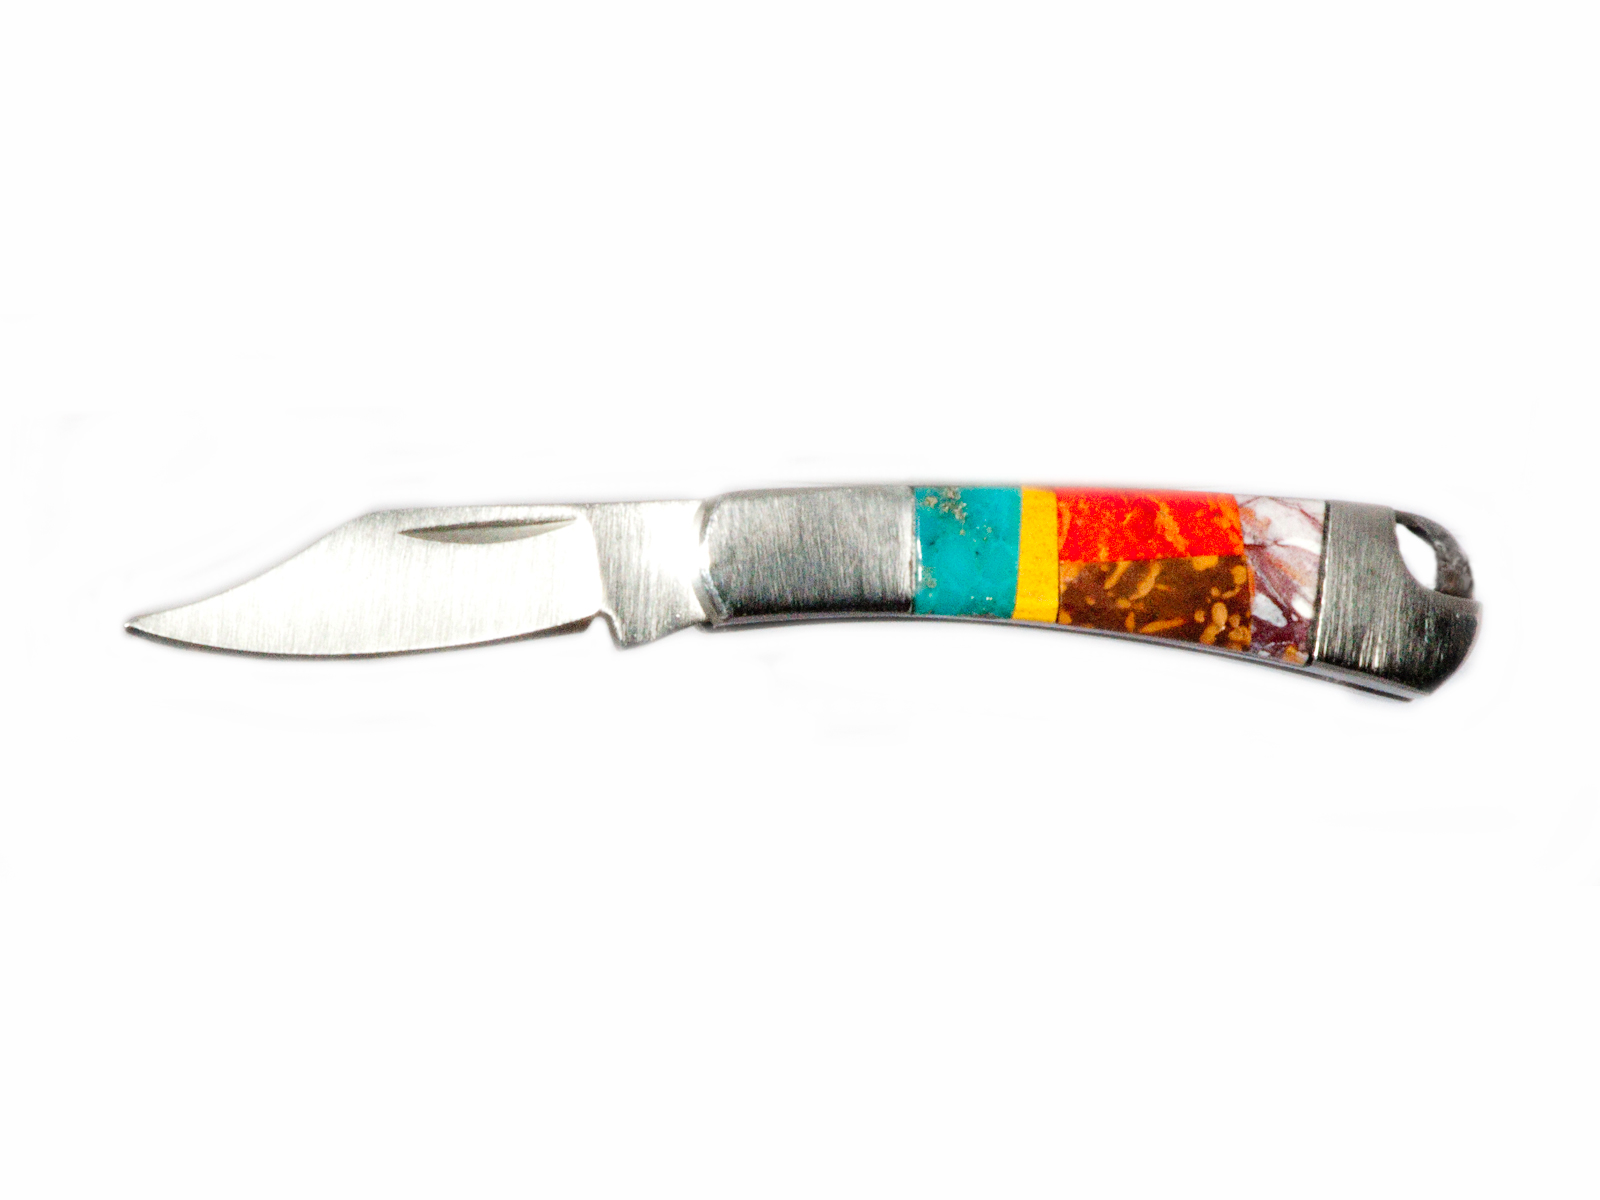 Multi Inlaid Pocket Knife